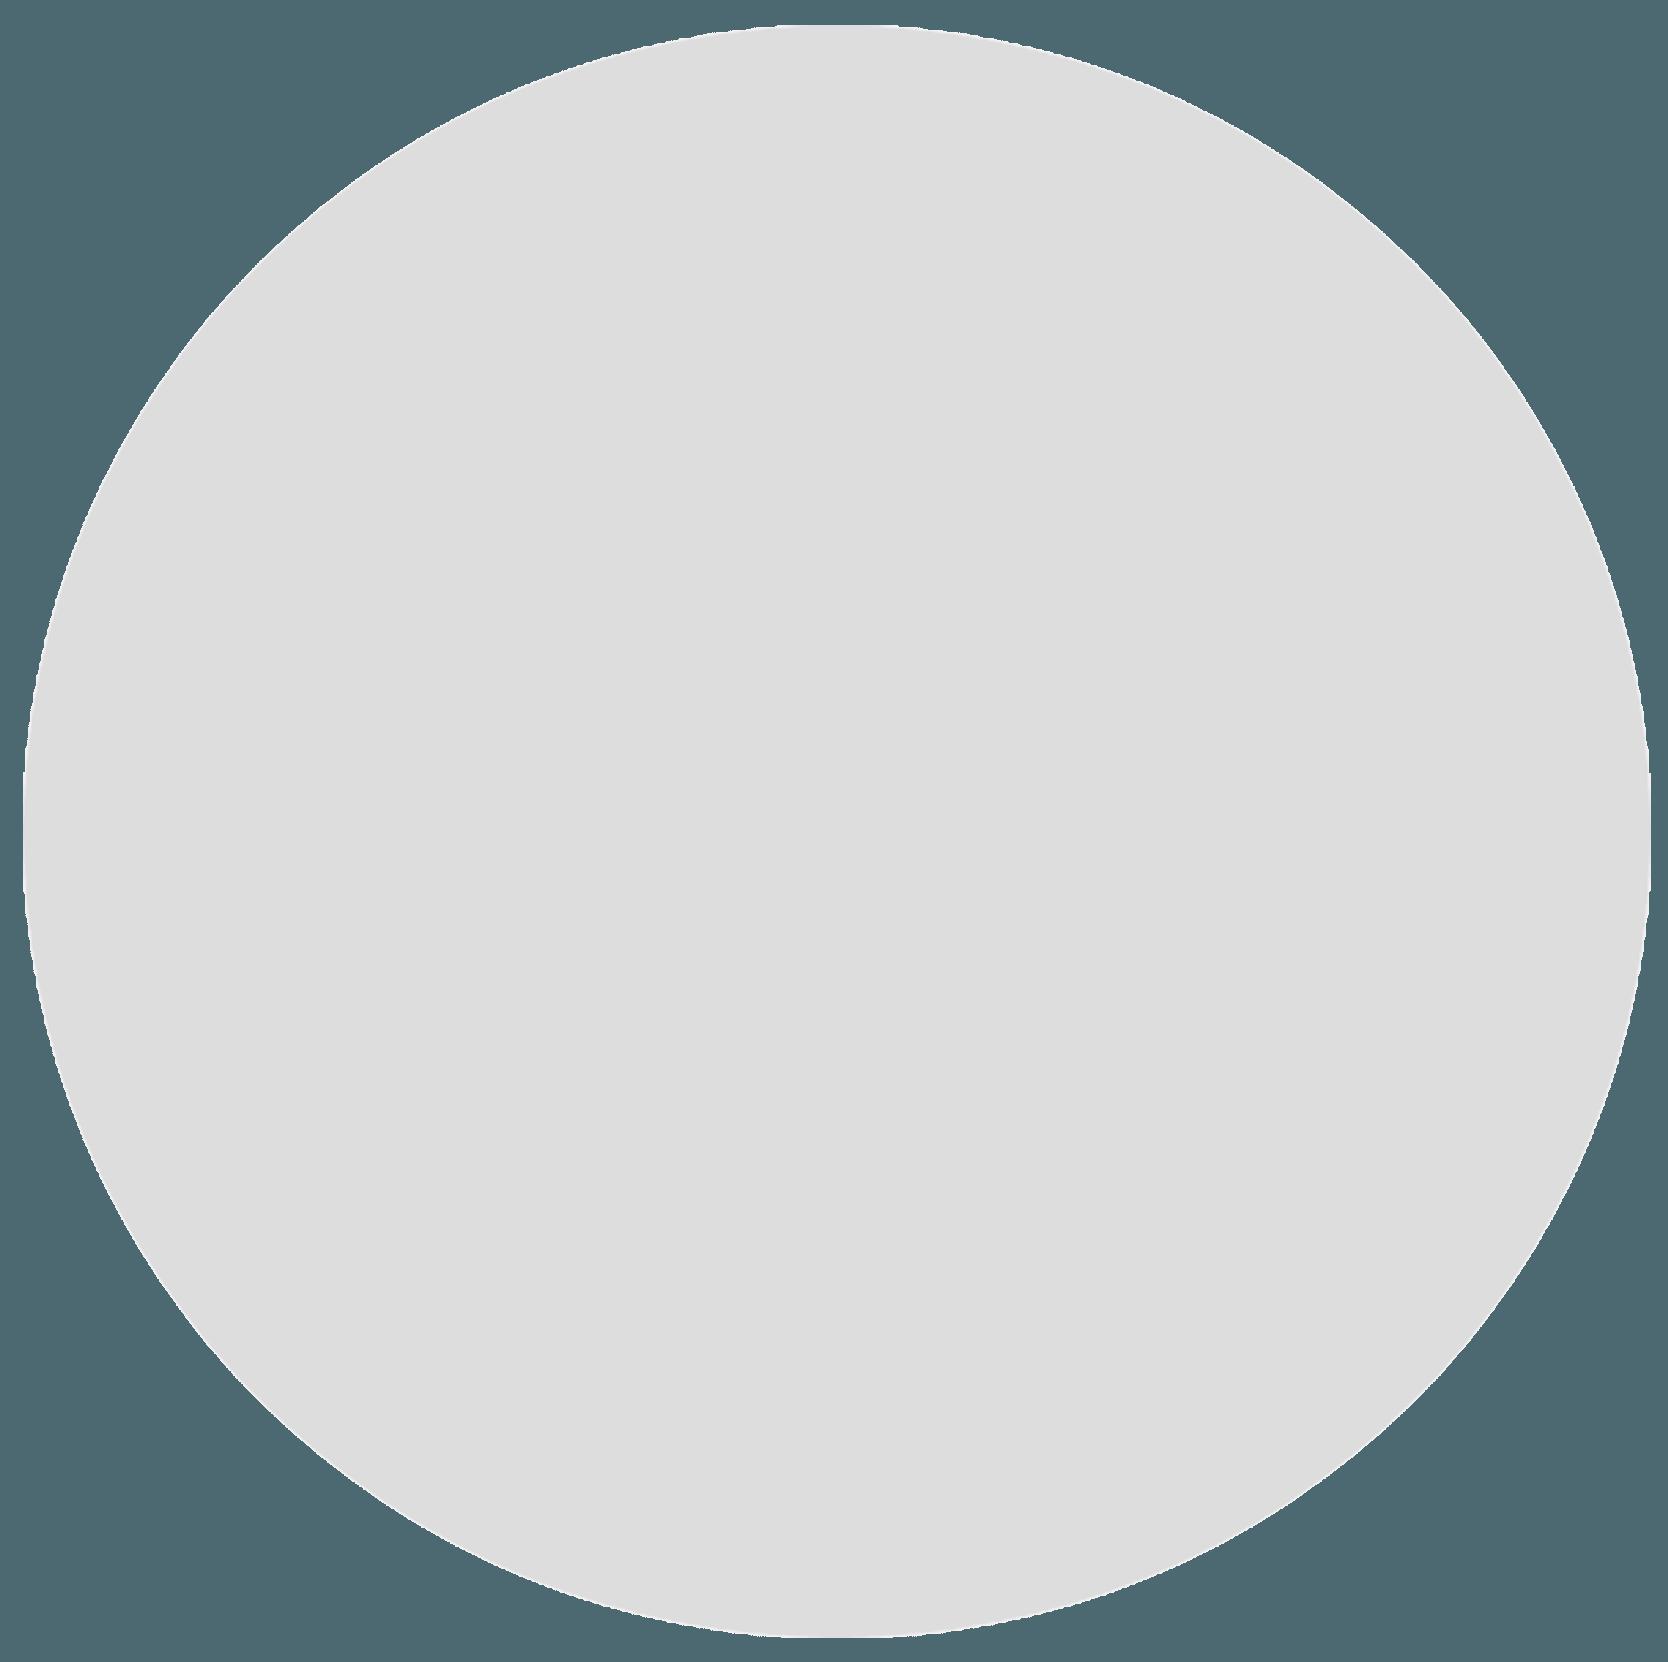 Small grey circle